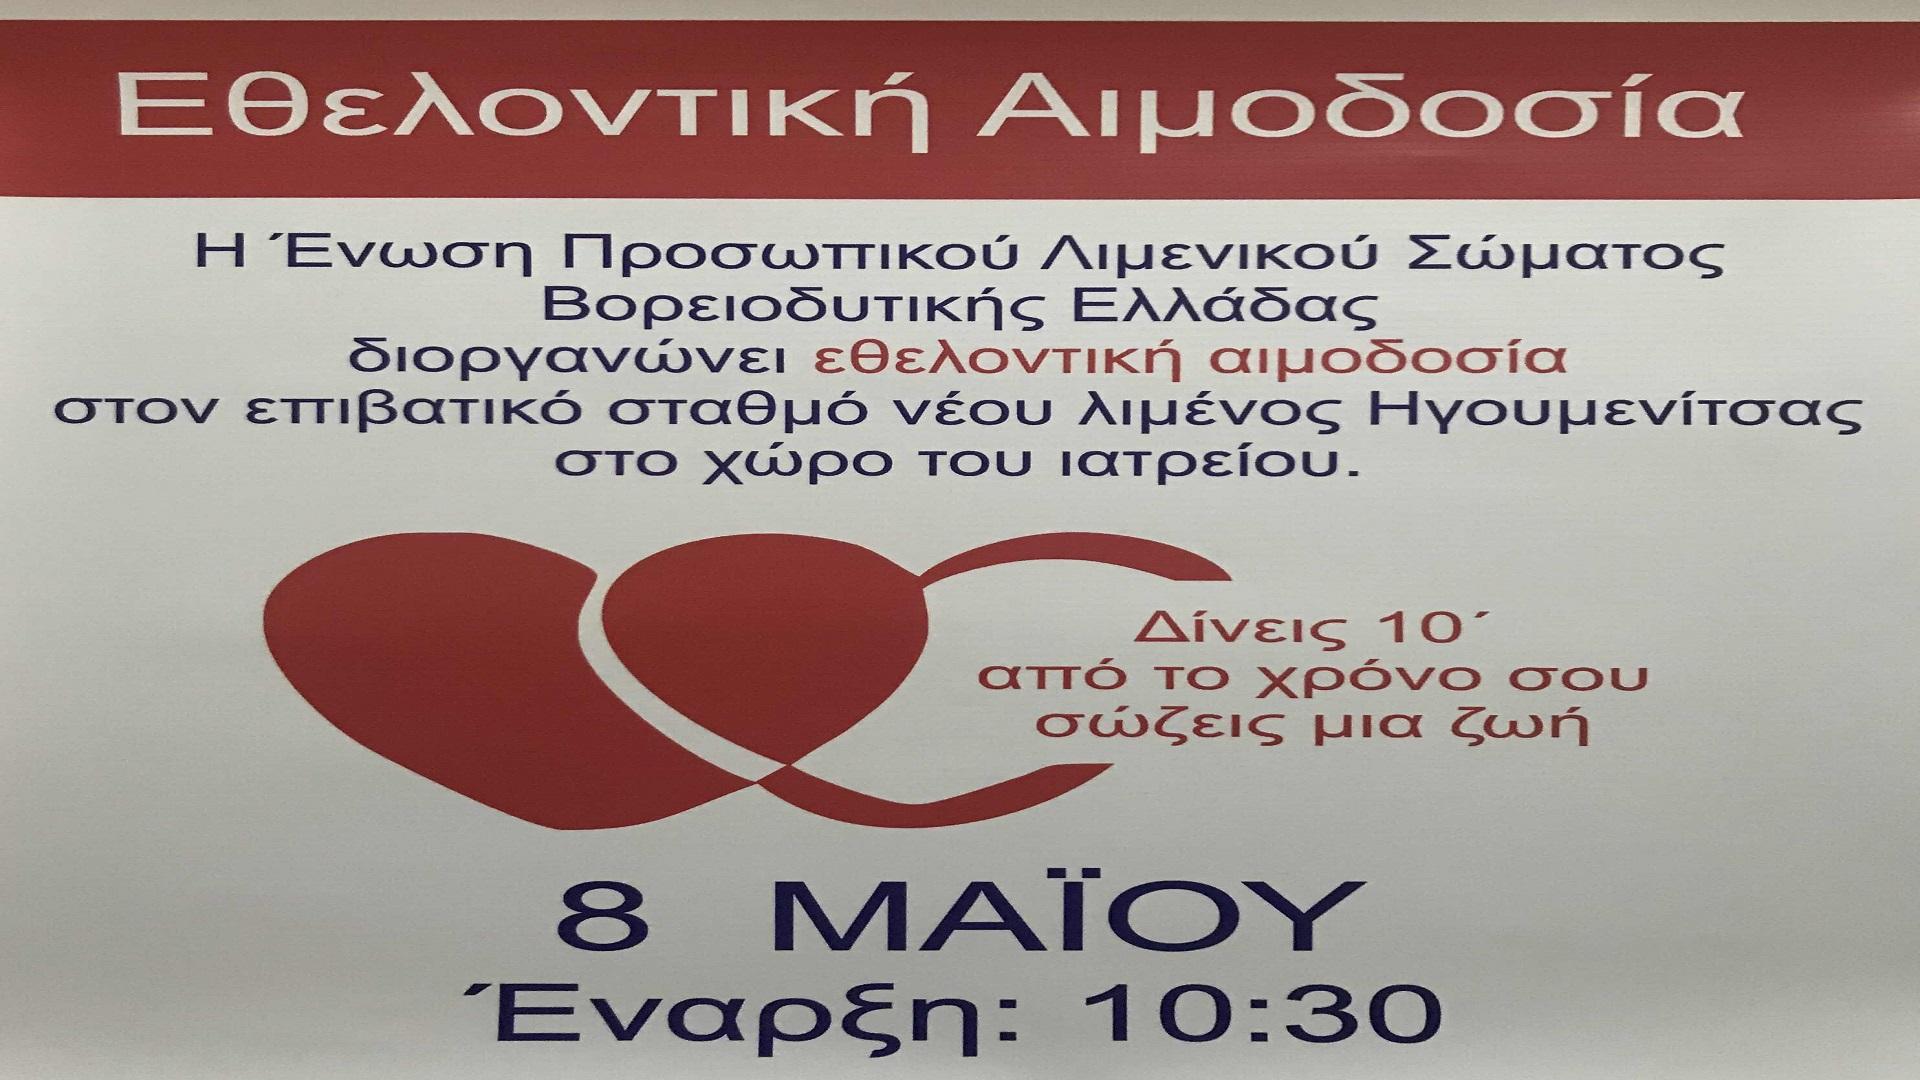 ΕΘΕΛΟΝΤΙΚΗ ΑΙΜΟΔΟΣΙΑ ΤΗΣ ΕΠΛΣ/ΒΔΕ